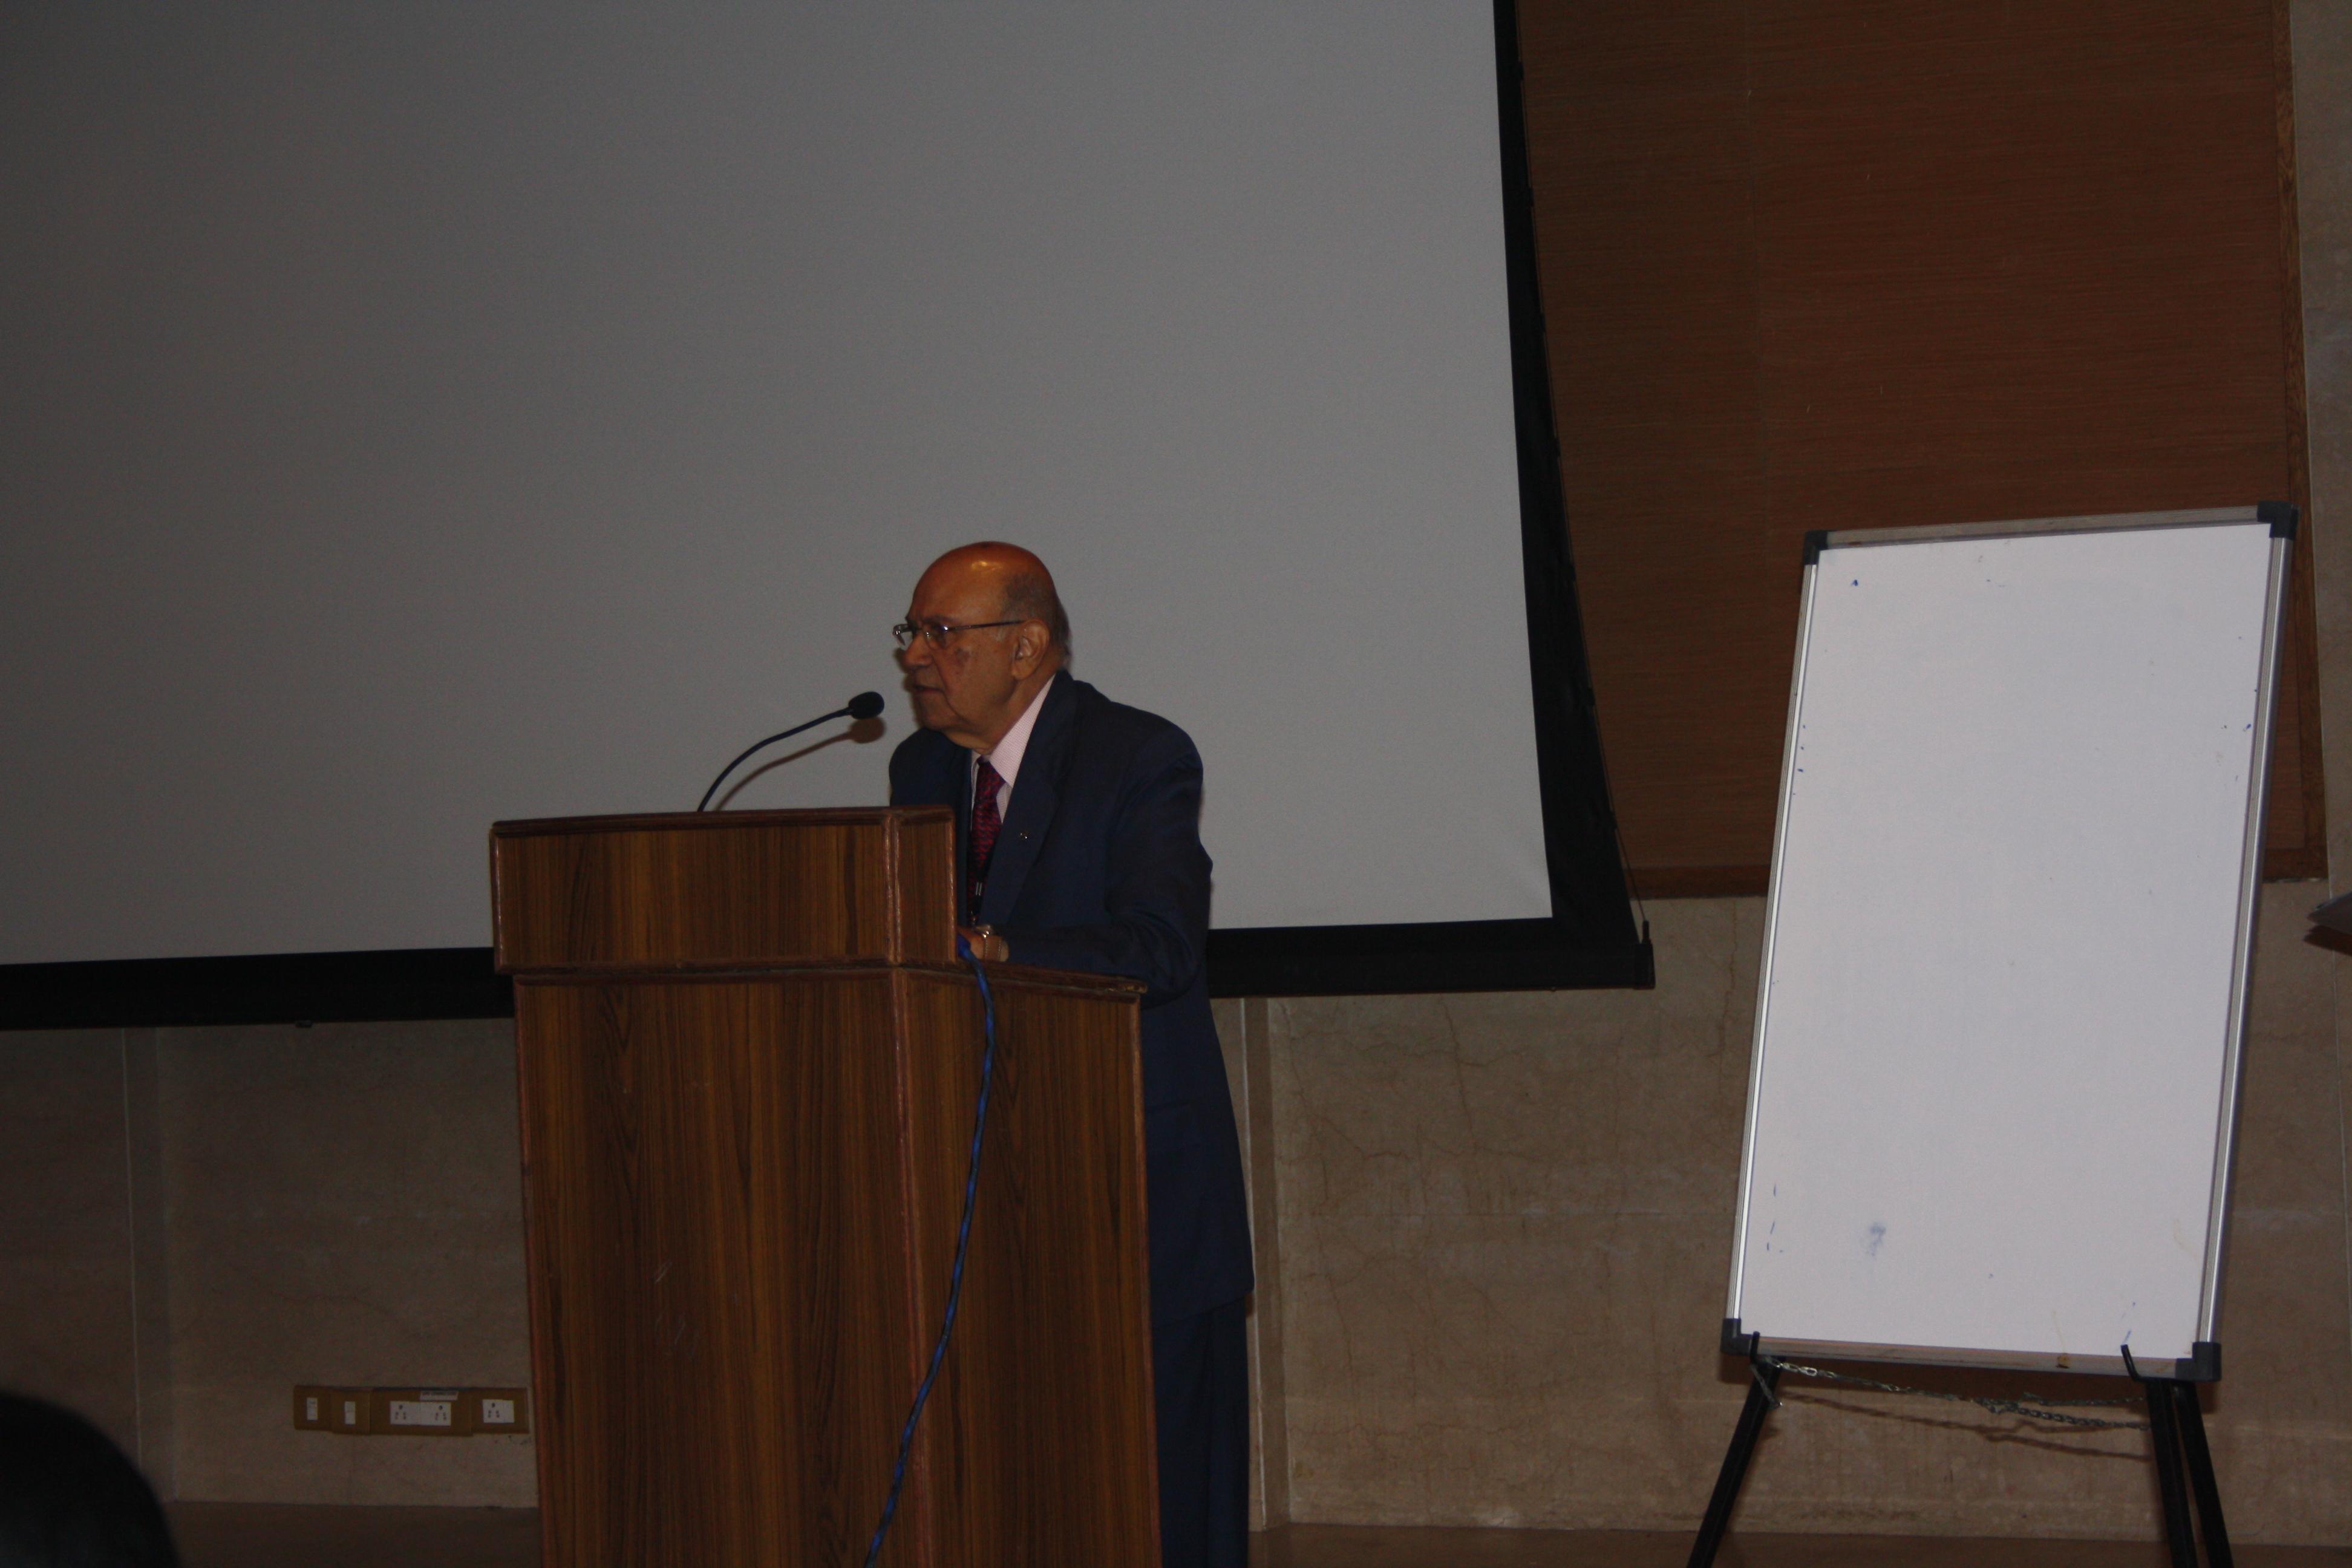 VP, FIP Mr. Prafull D. Sheth